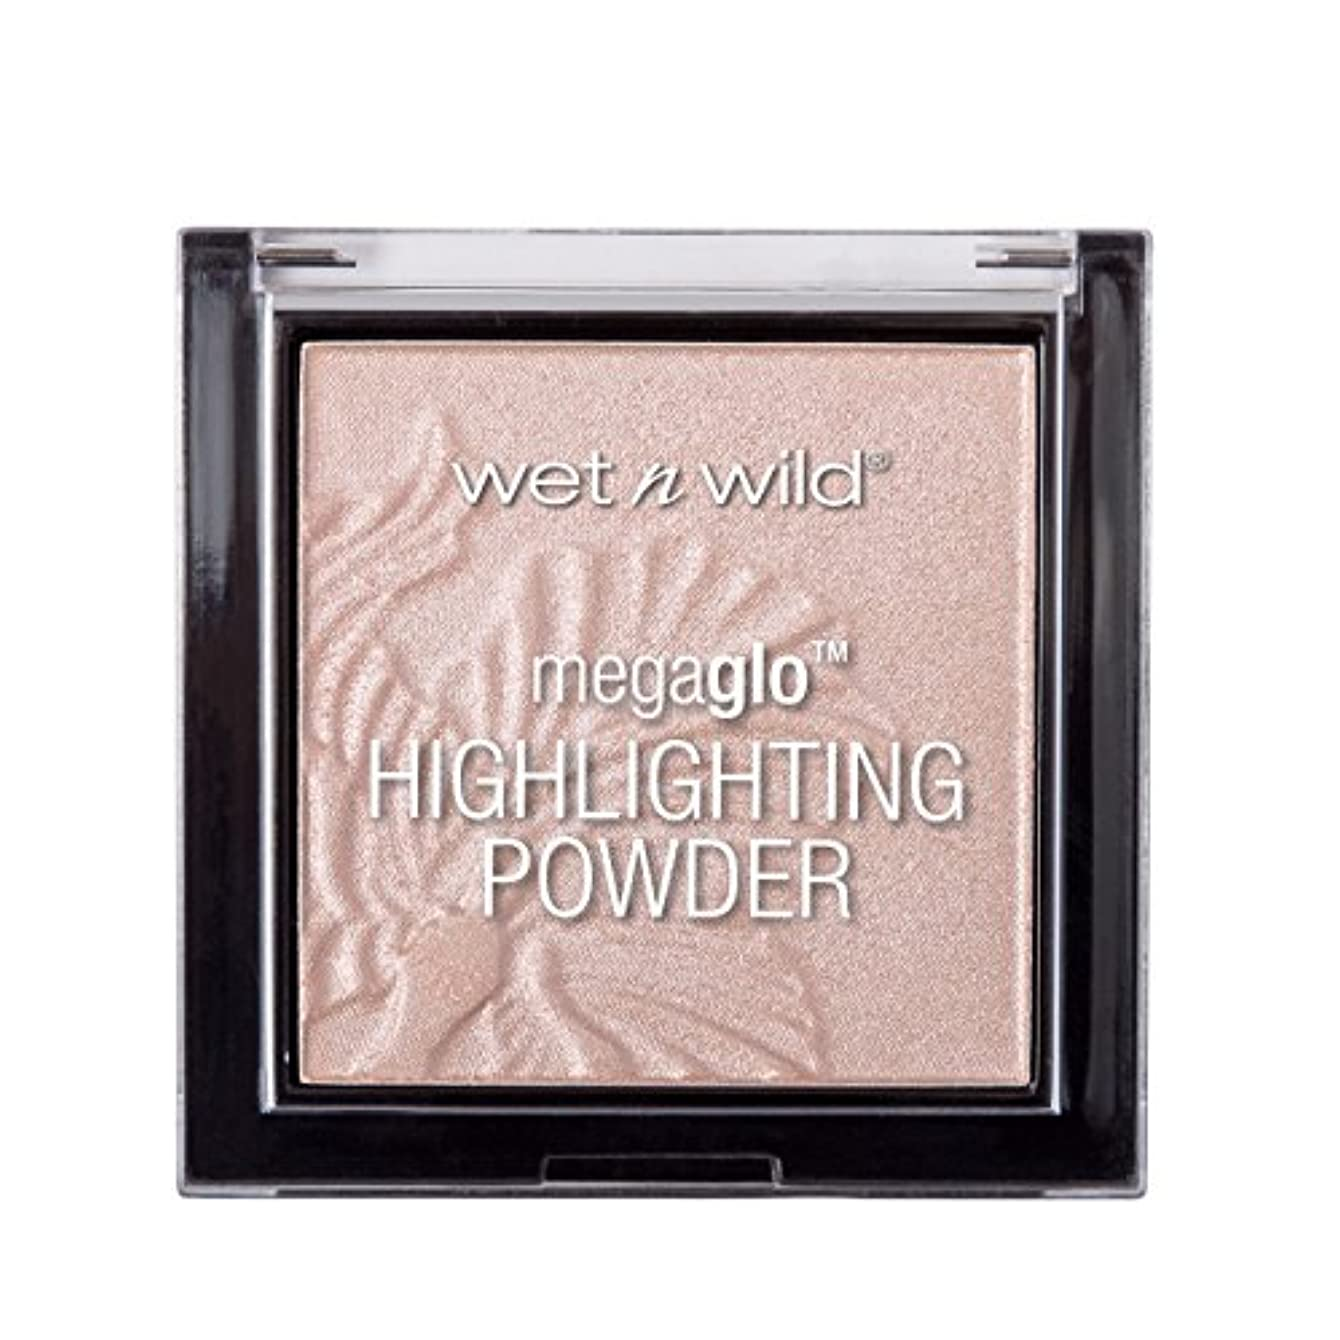 解説万歳未接続WET N WILD MegaGlo Highlighting Powder - Blossom Glow (並行輸入品)